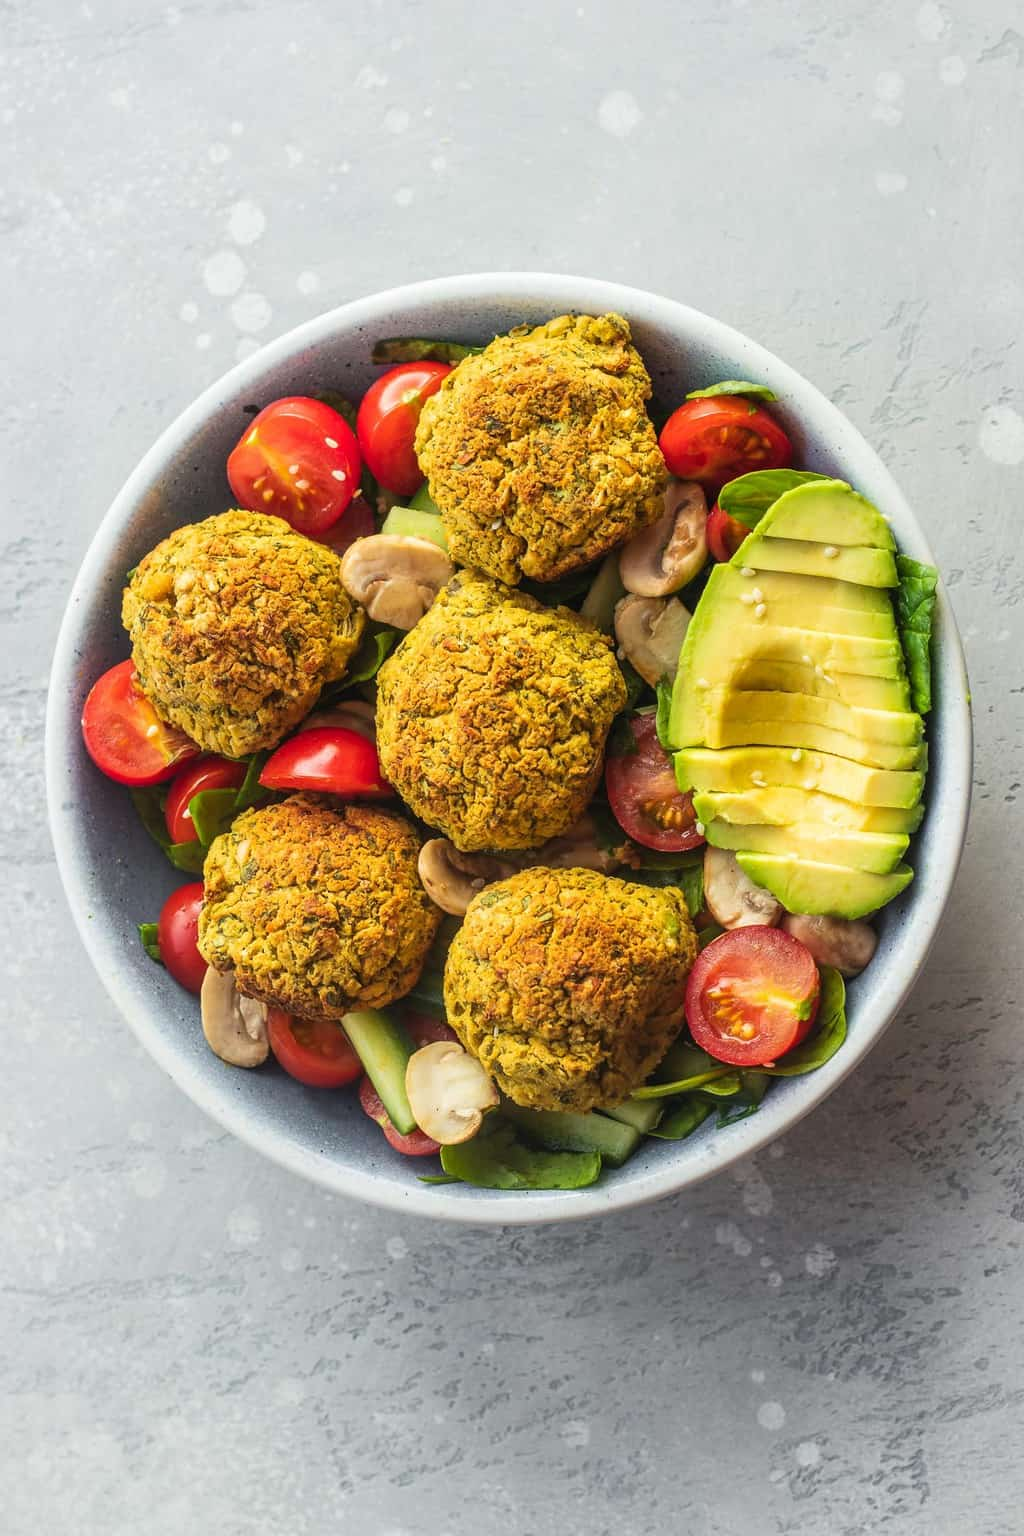 Vegan falafel salad with avocado